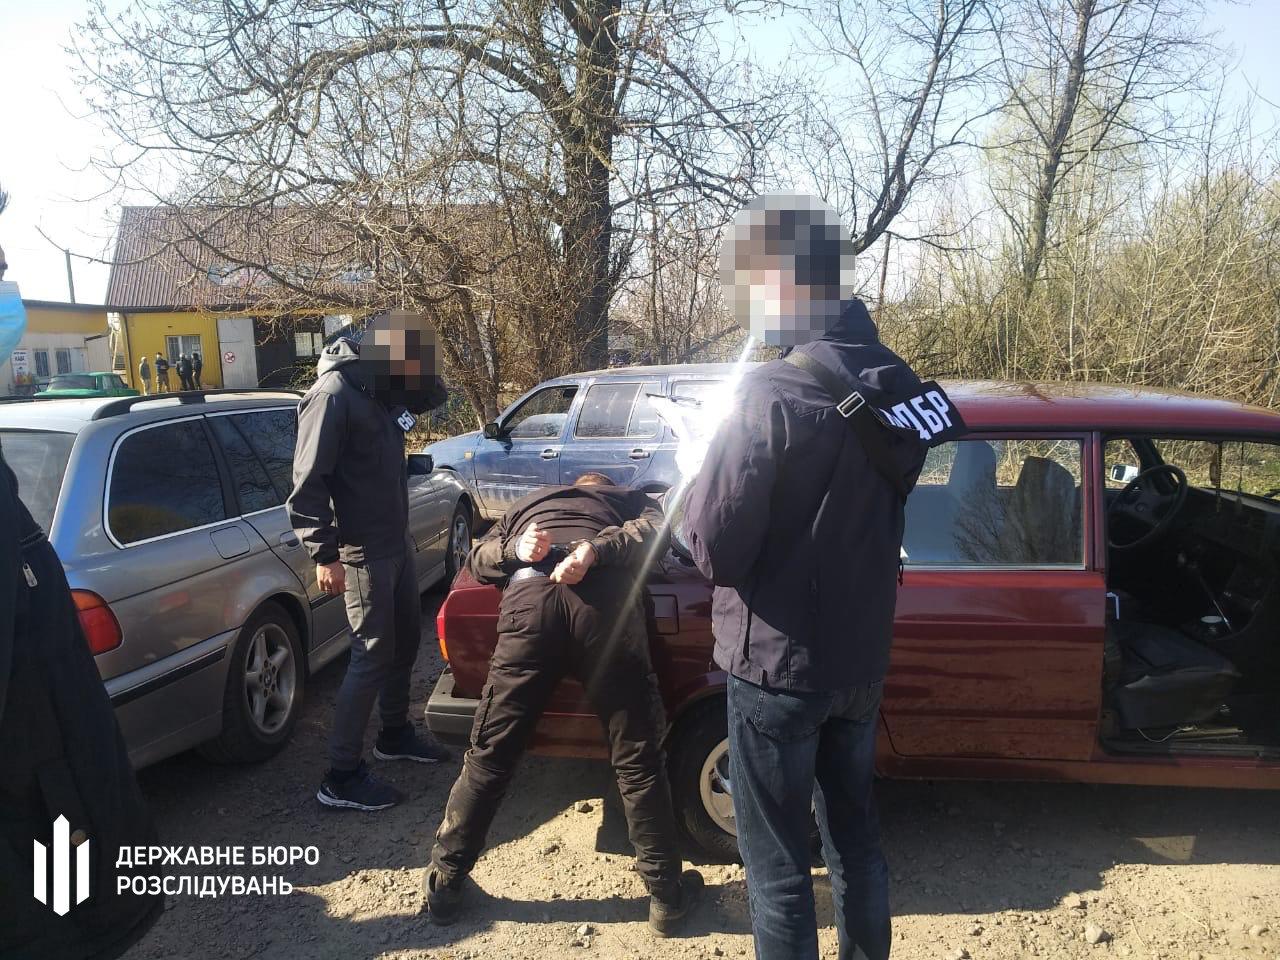 Посадовці поліції продовжують брати хабарі - хмельницькі правоохоронці, фото-3